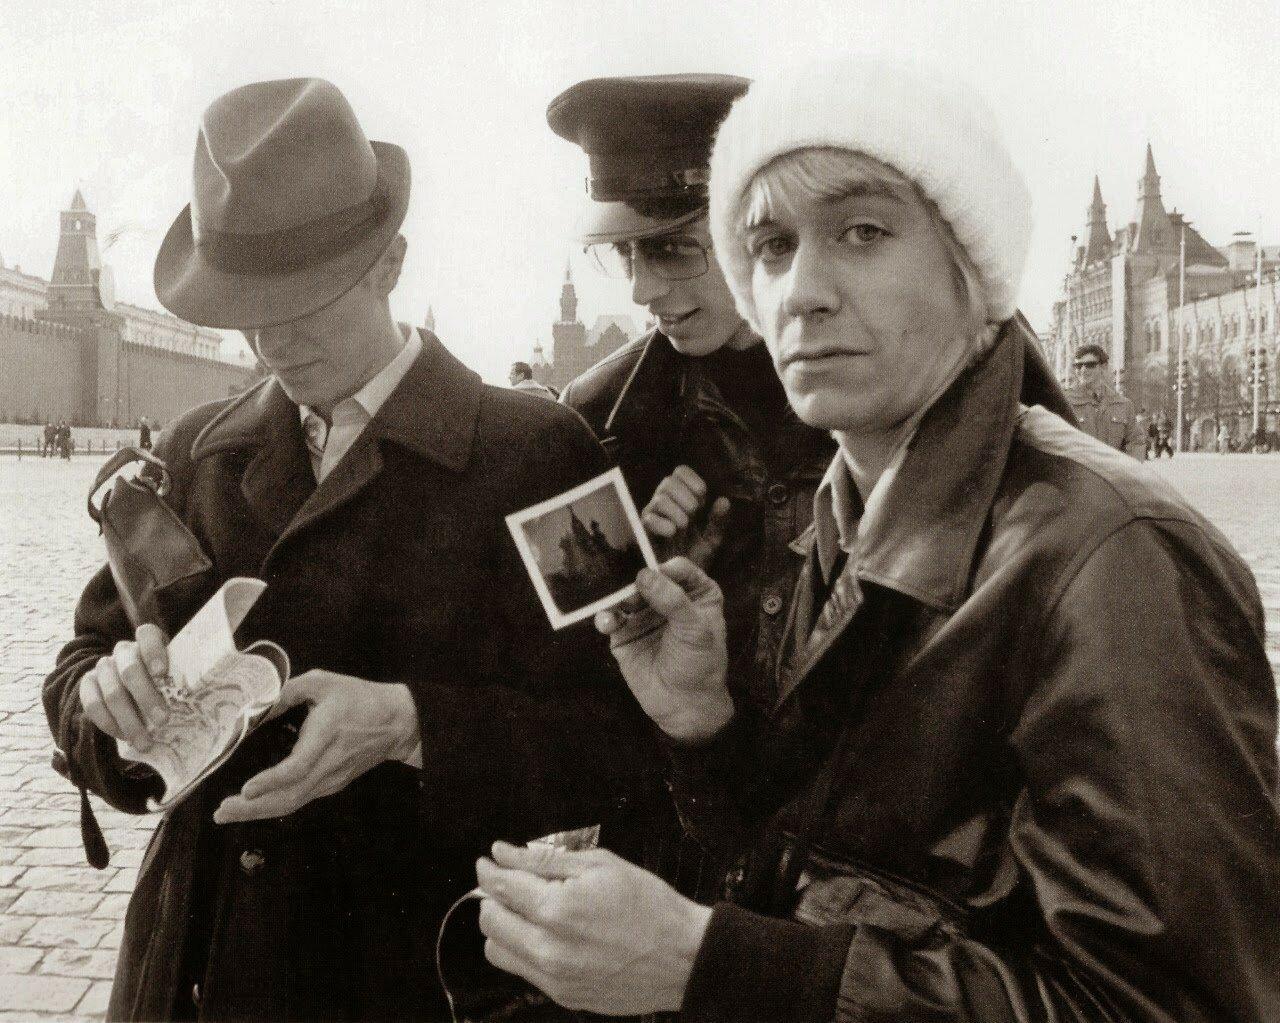 1976. Дэвид Боуи и Игги Поп на Красной площади